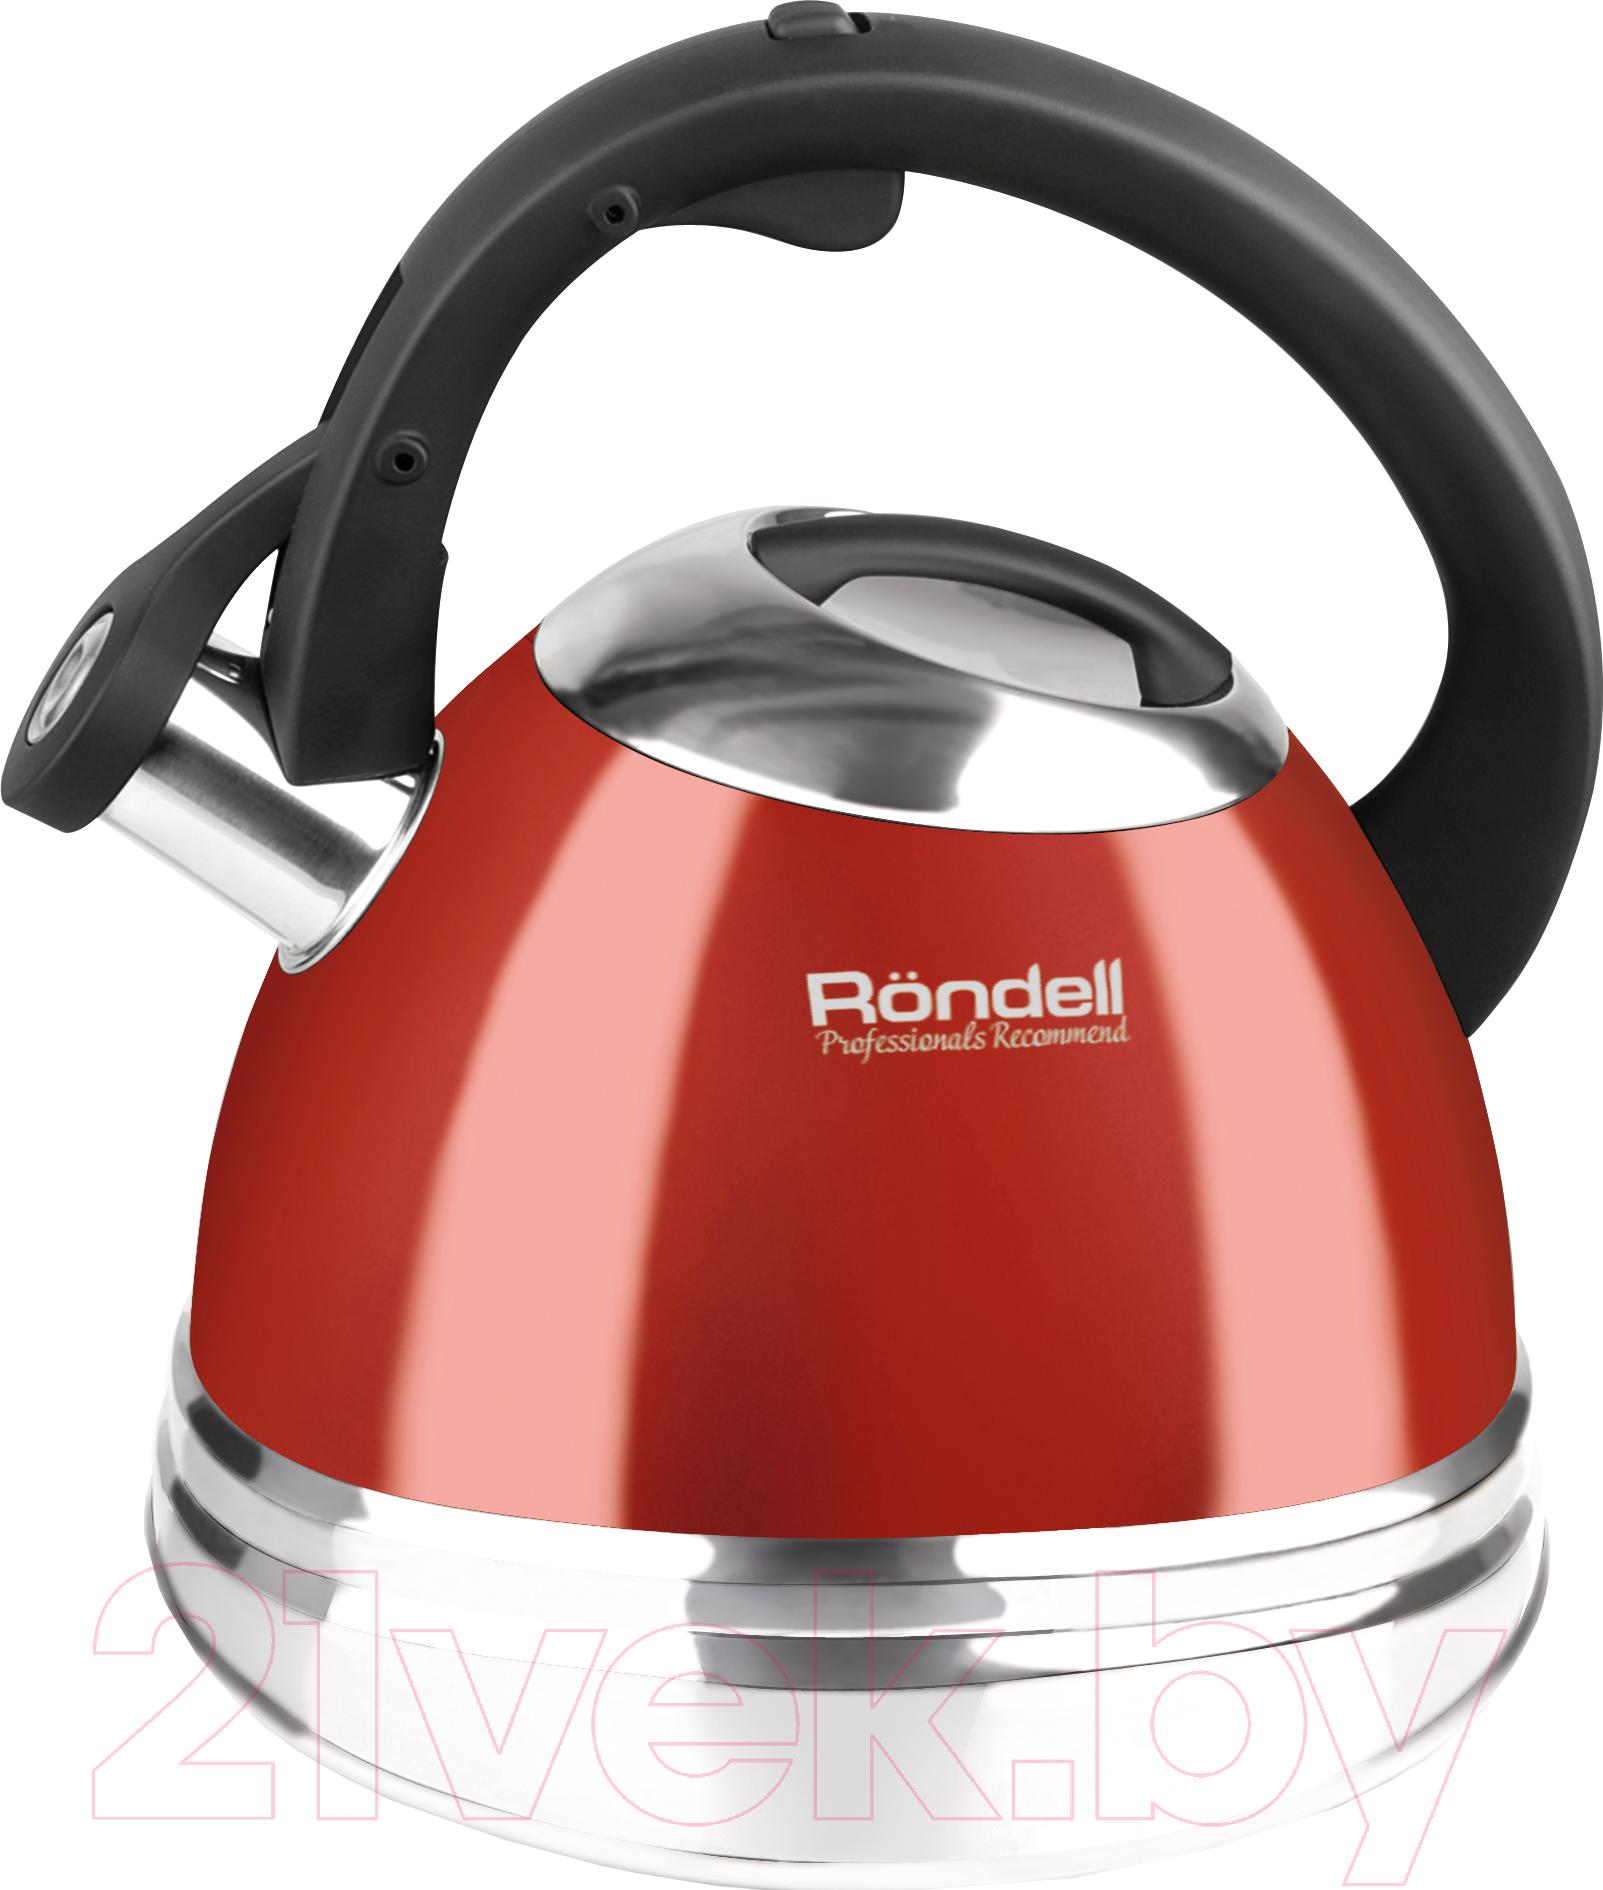 Чайник со свистком Rondell, RDS-498 (красный), Китай  - купить со скидкой